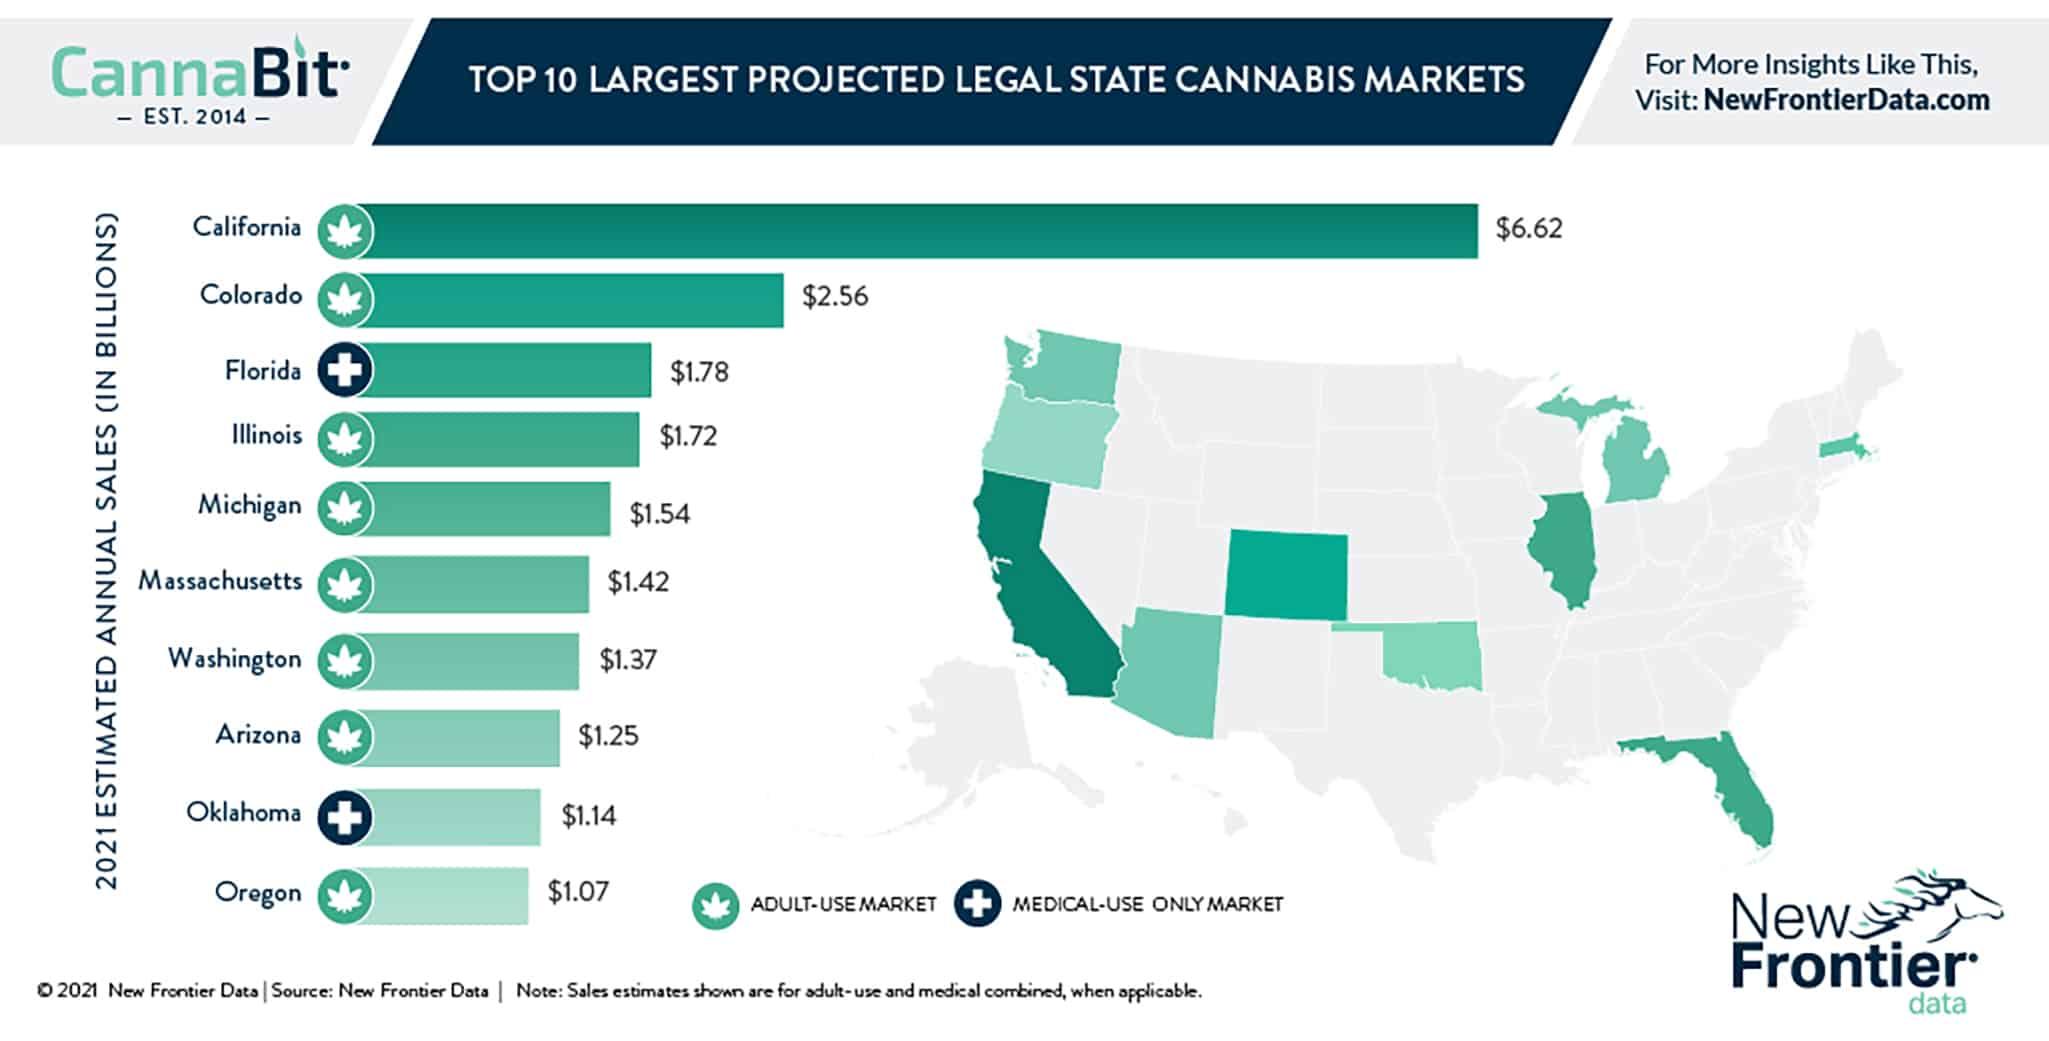 Legal State Cannabis Markets